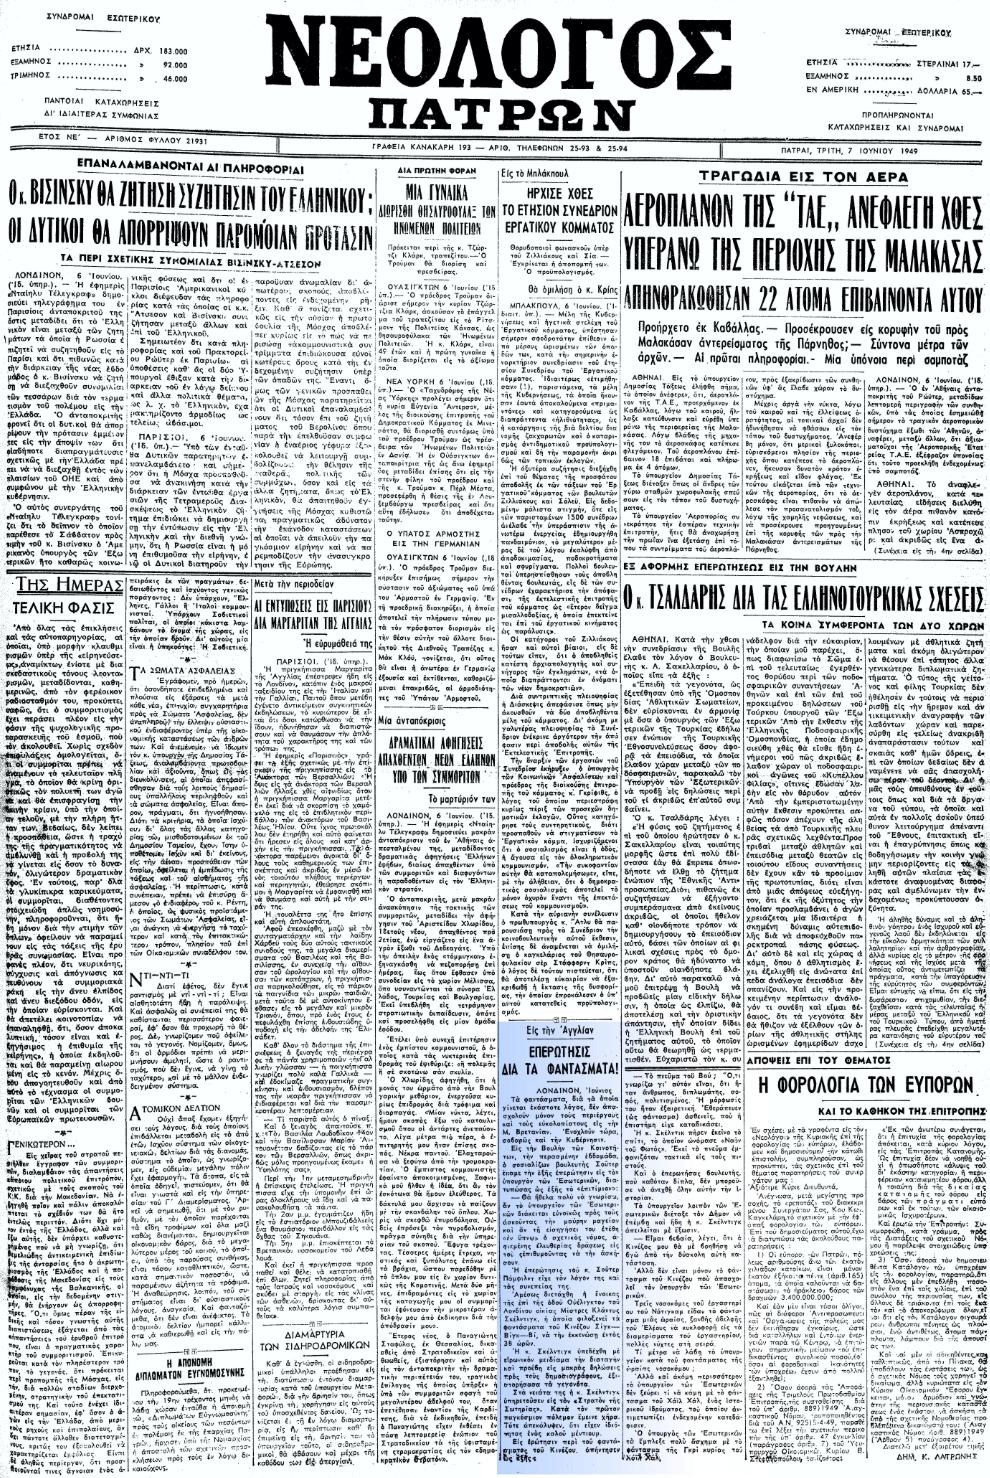 """Το άρθρο, όπως δημοσιεύθηκε στην εφημερίδα """"ΝΕΟΛΟΓΟΣ ΠΑΤΡΩΝ"""", στις 07/06/1949"""